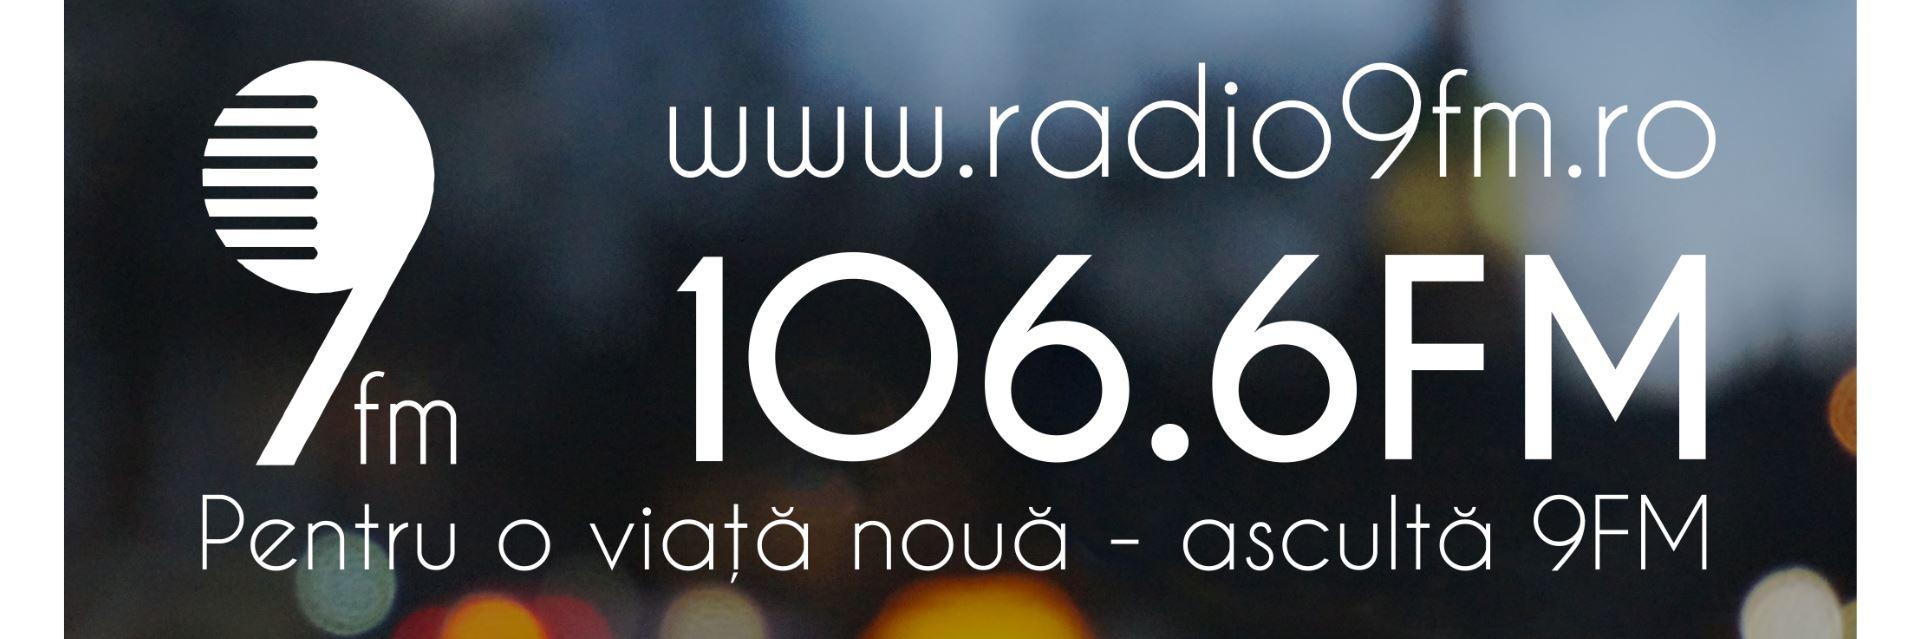 Inaugurarea radio 9FM, în Clisura Dunării